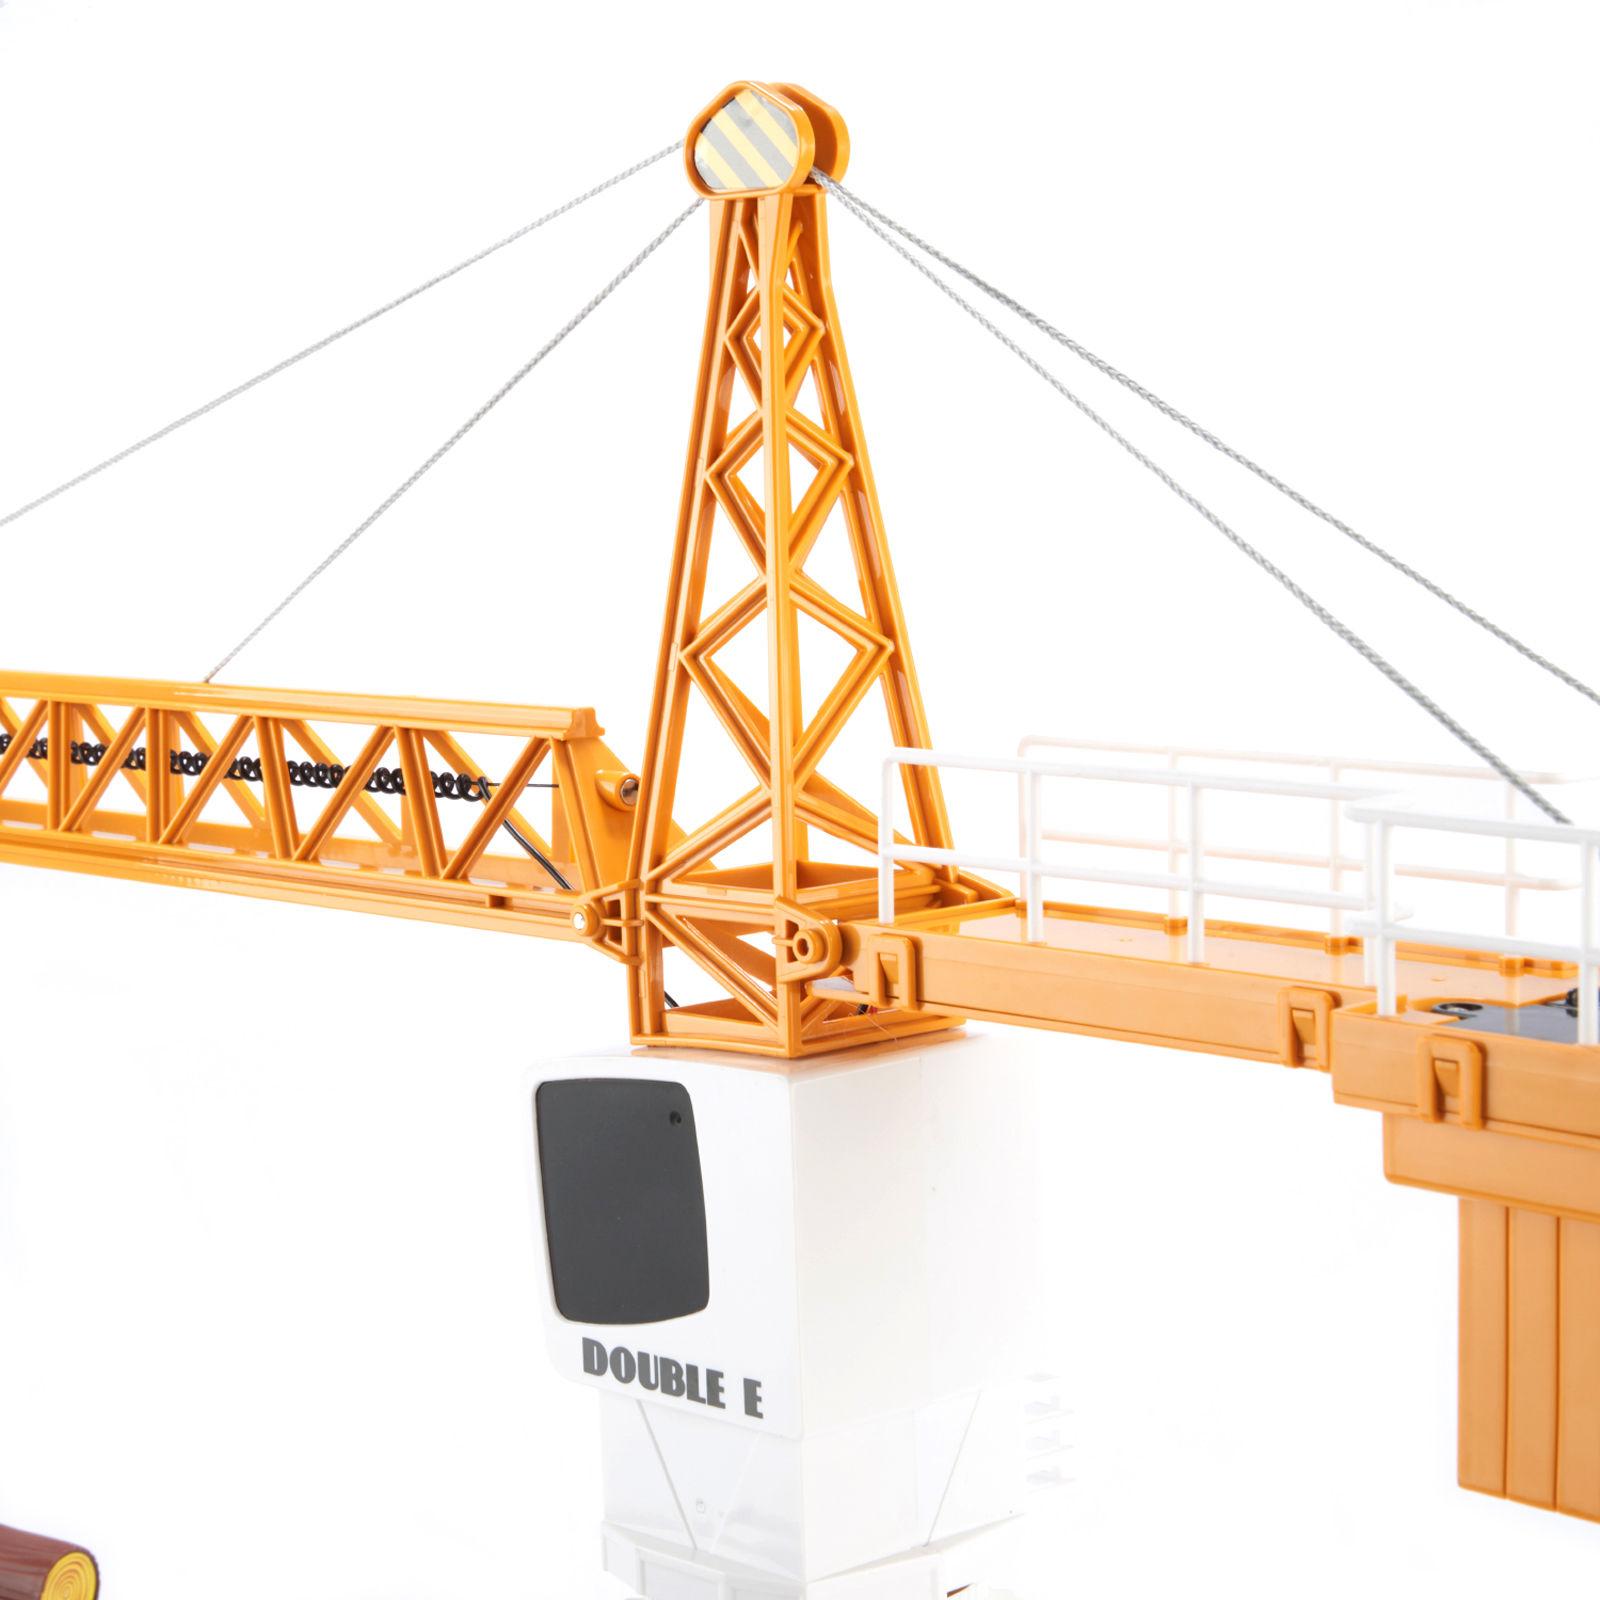 มี1 รอยืนยันก่อนโอน 1/20 DoubleE 2.4G Simulation Remote Control RC Tower Slewing Crane